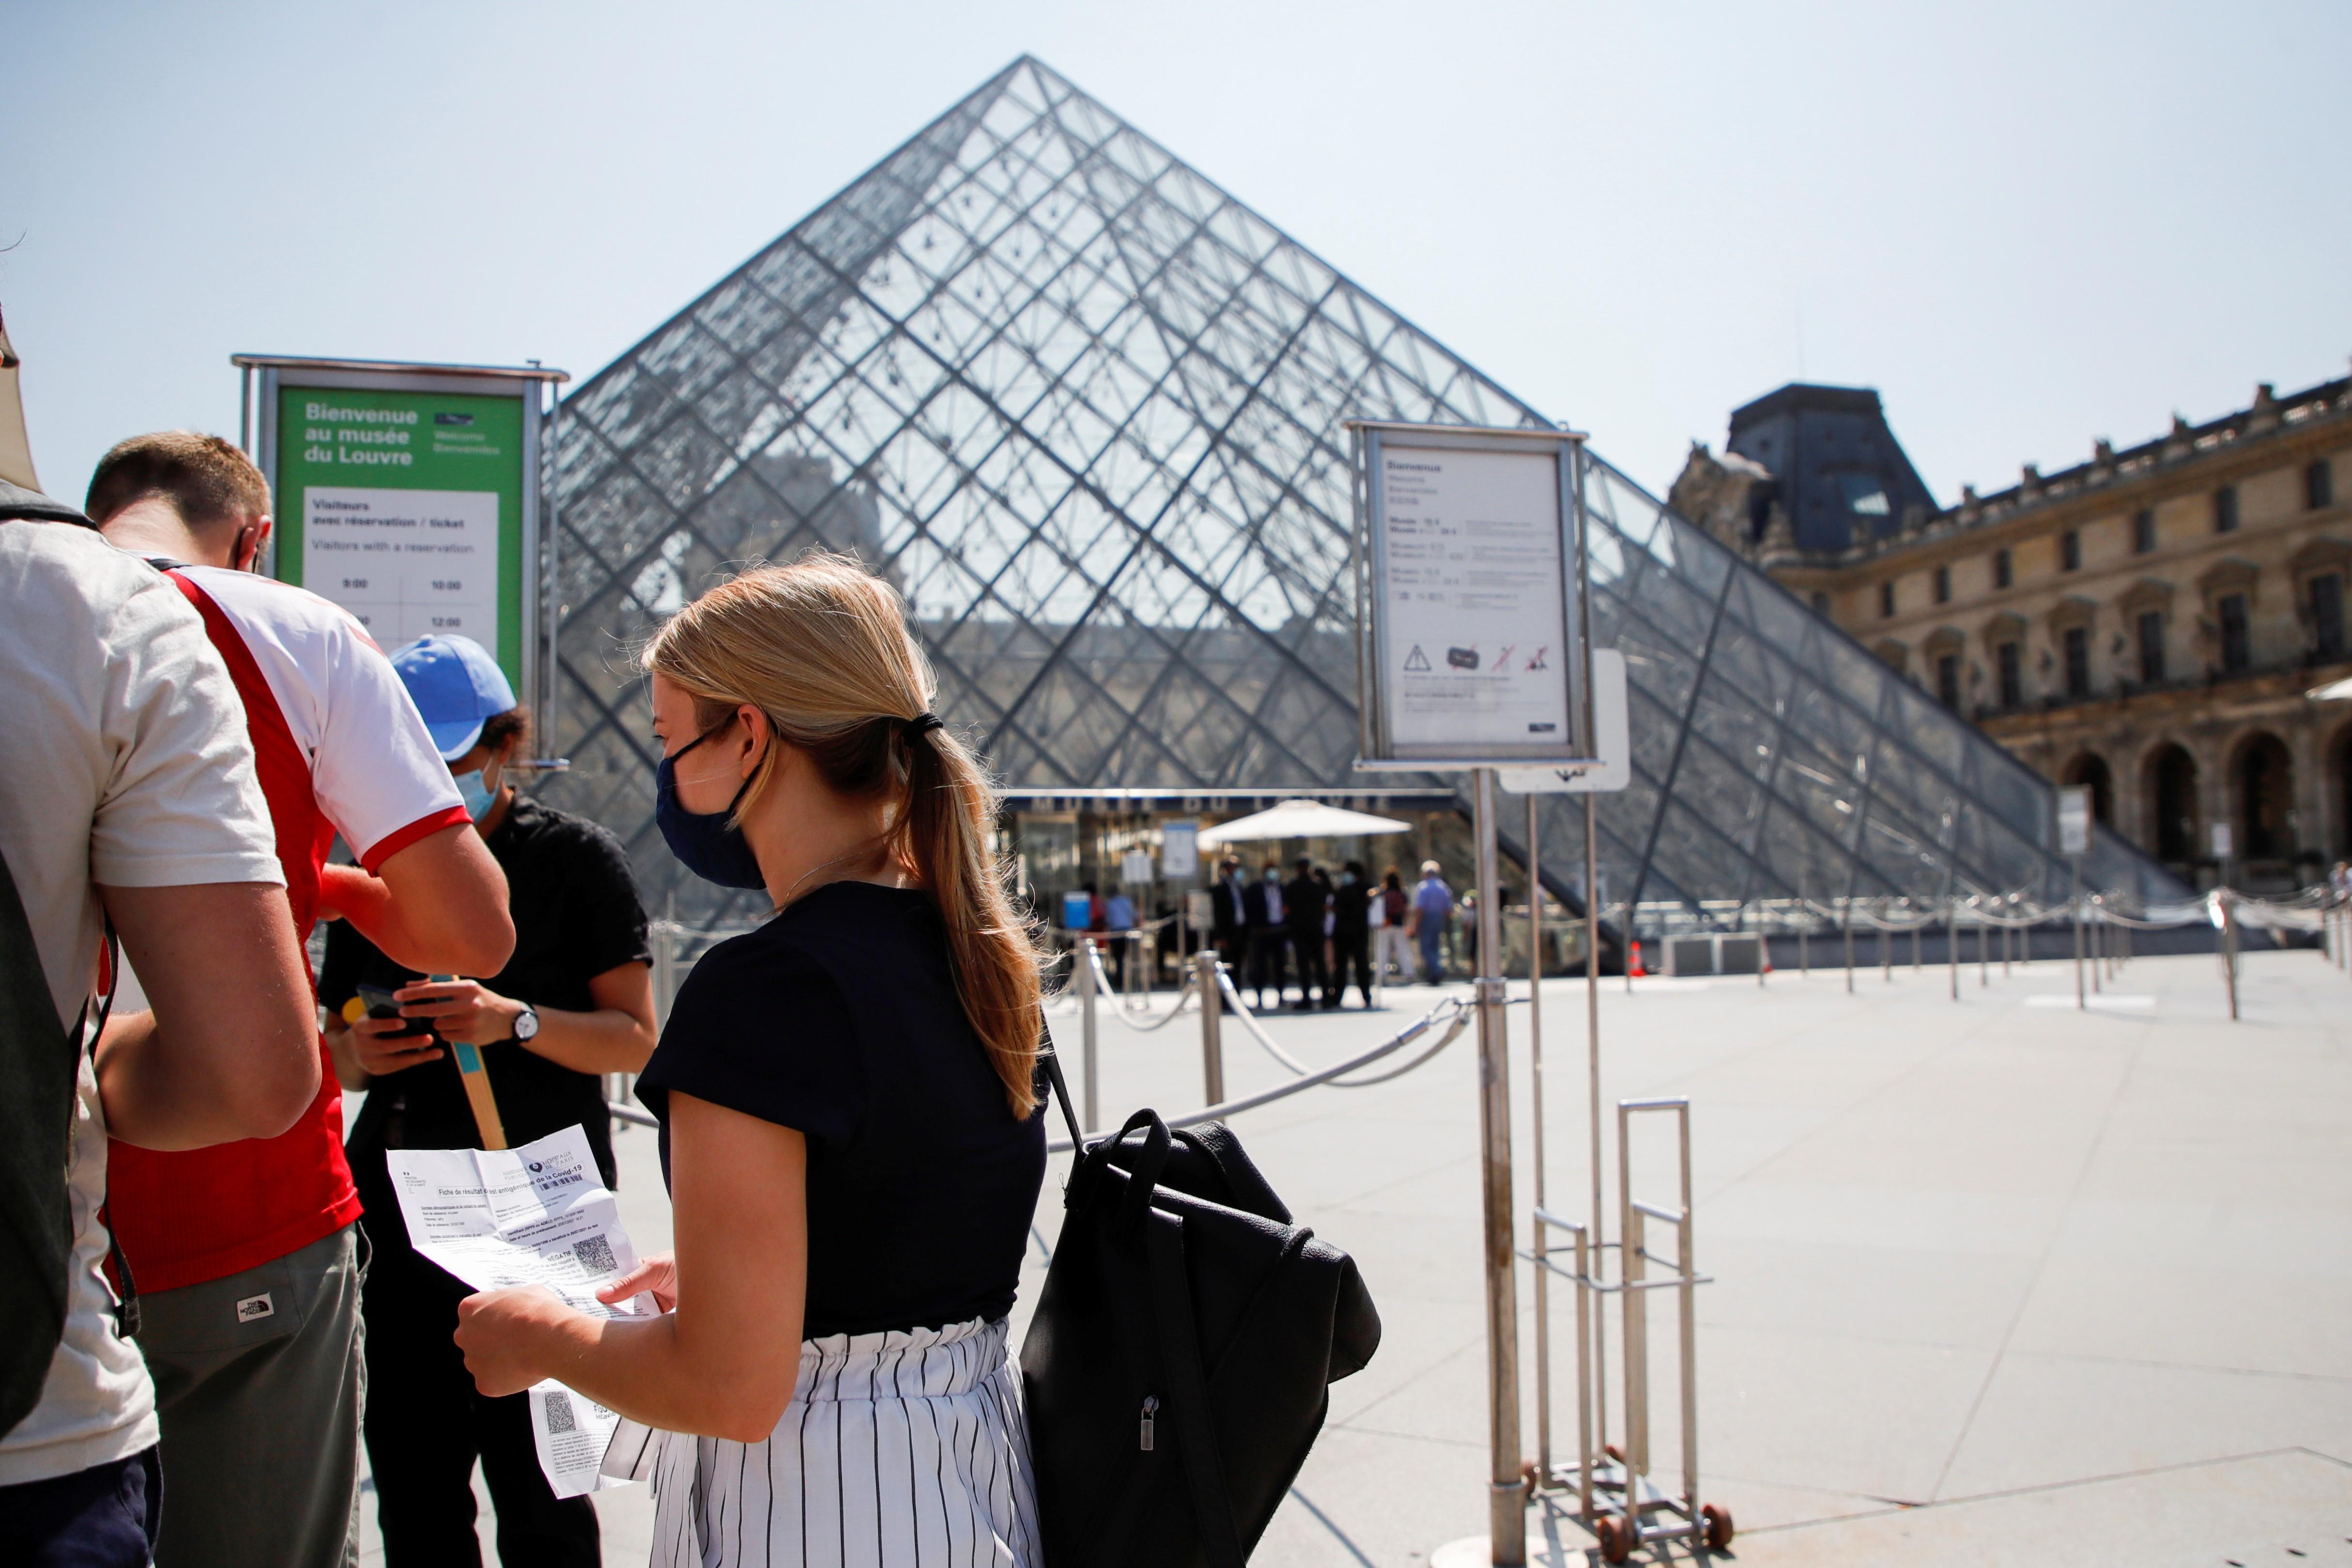 França espera receber 50 milhões de turistas em 2021